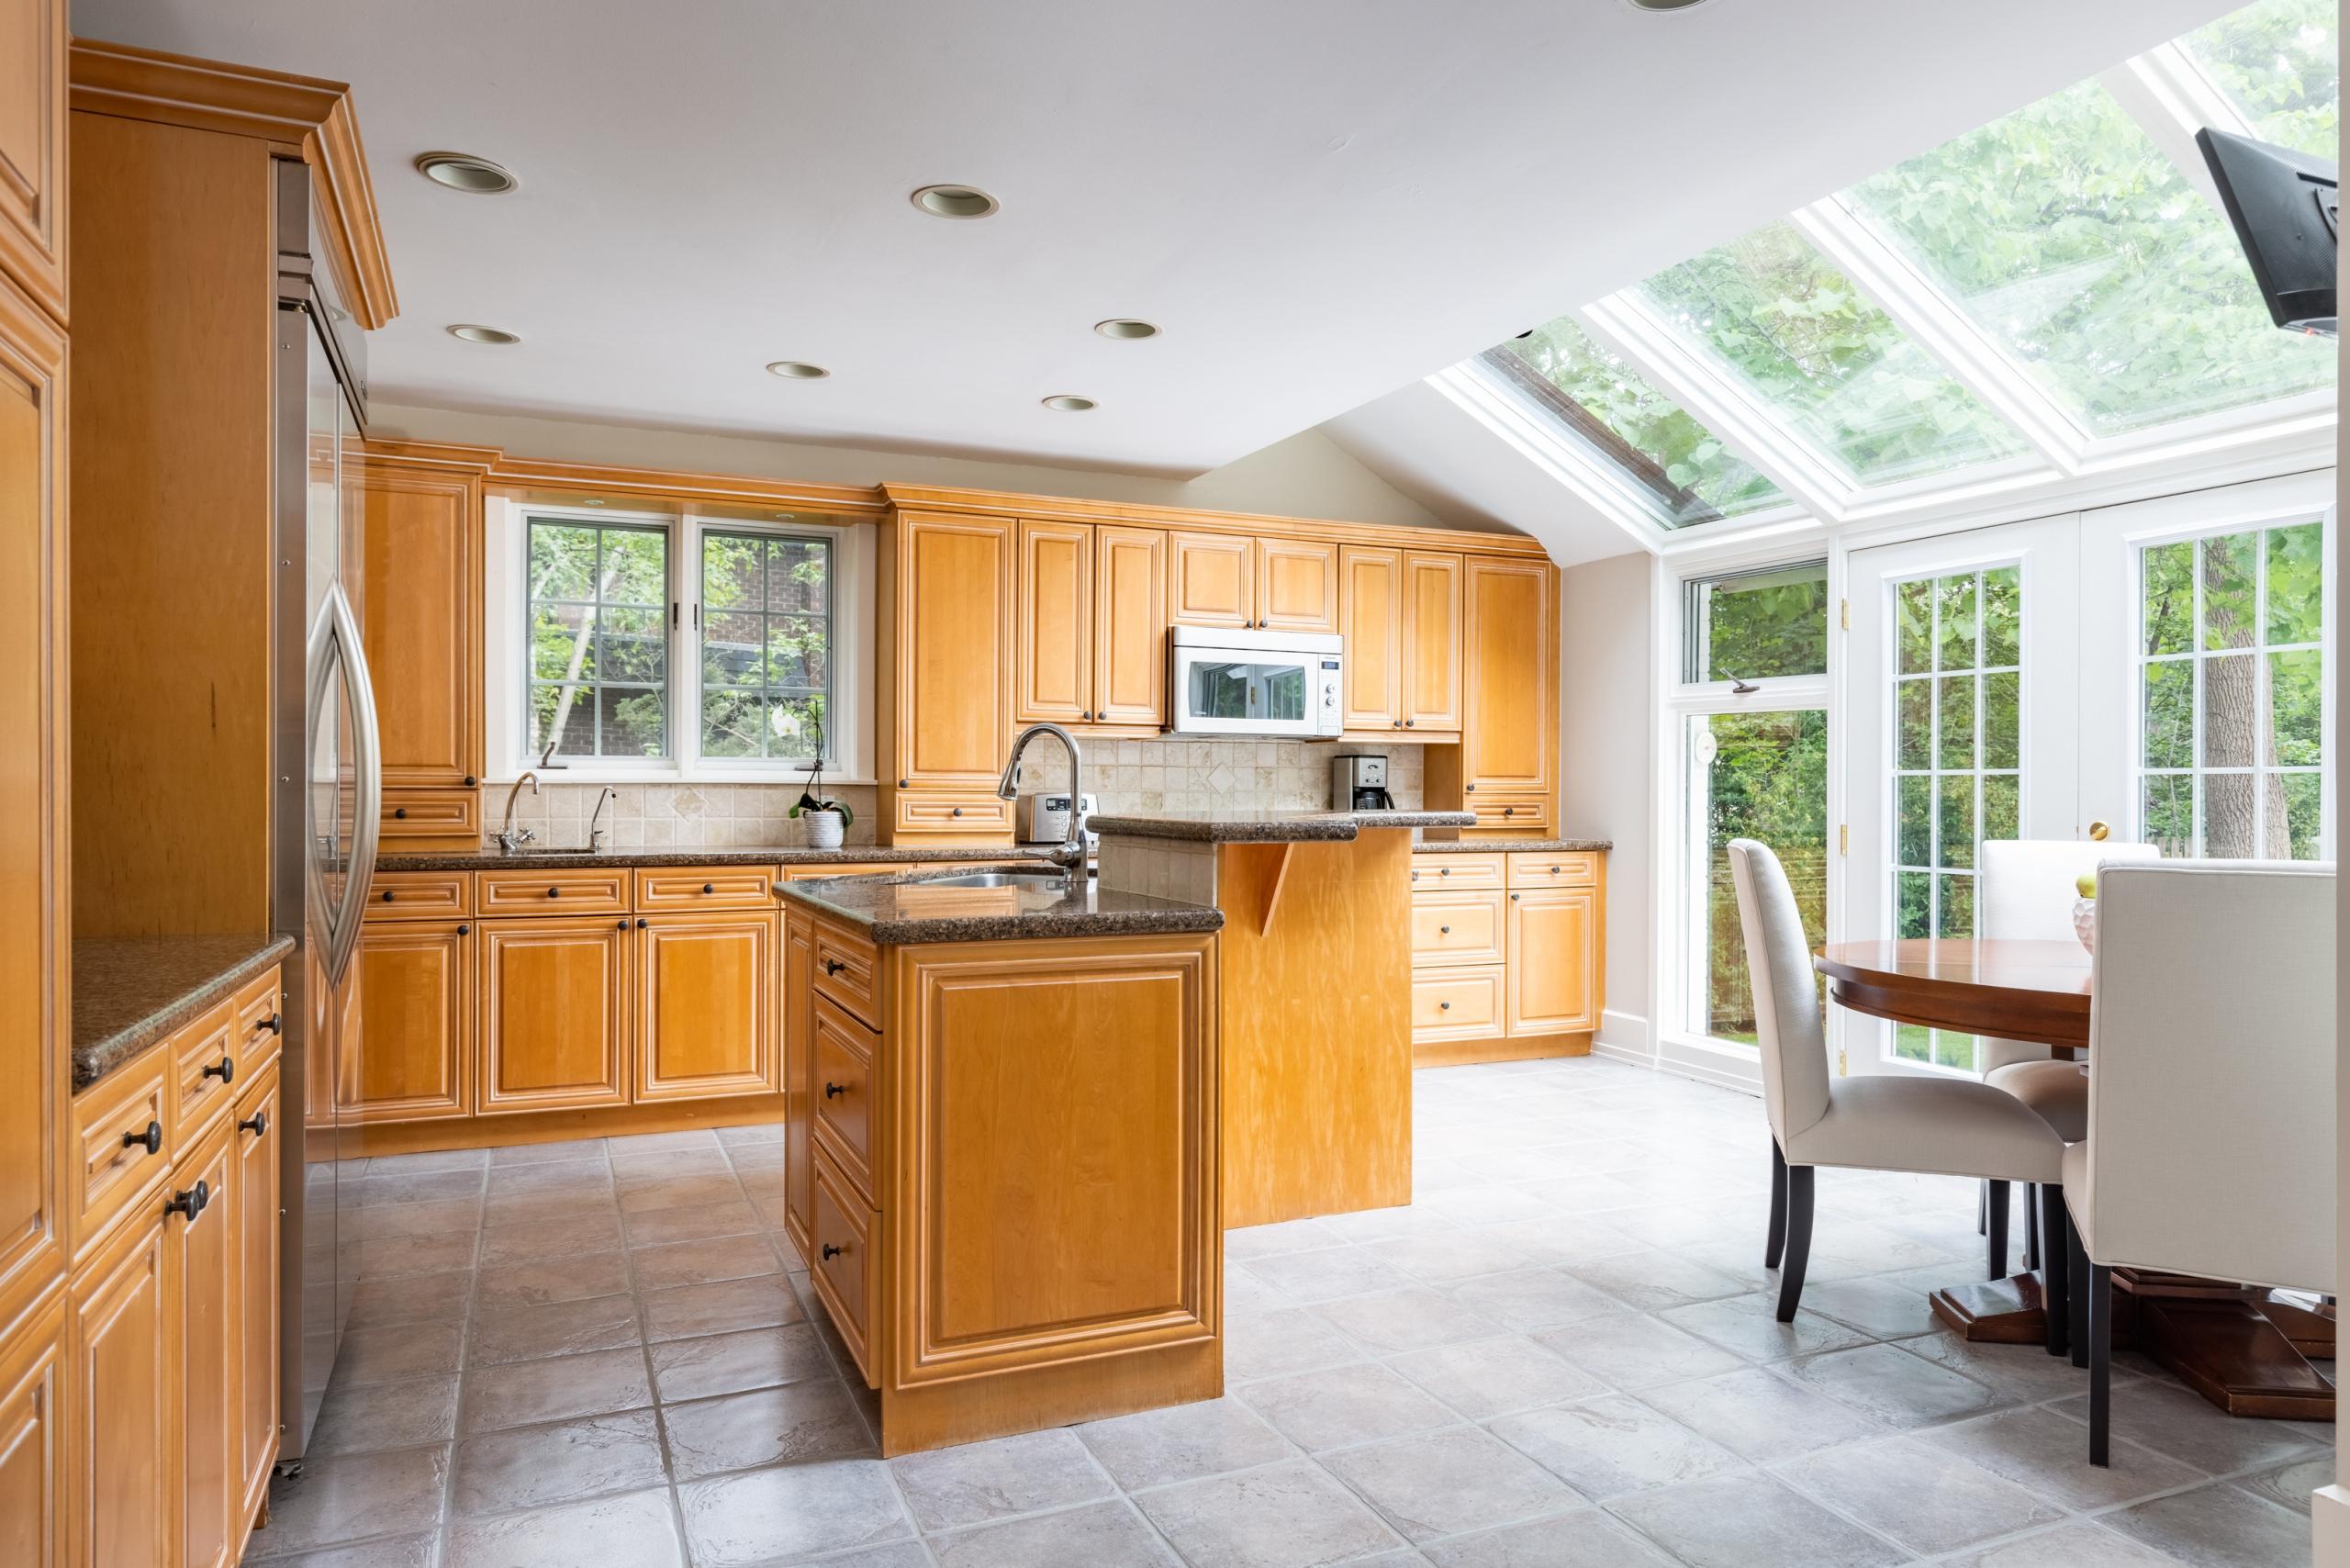 Kitchen featured at 573 Lakeshore Road West, Oakville, ON at Alex Irish & Associates